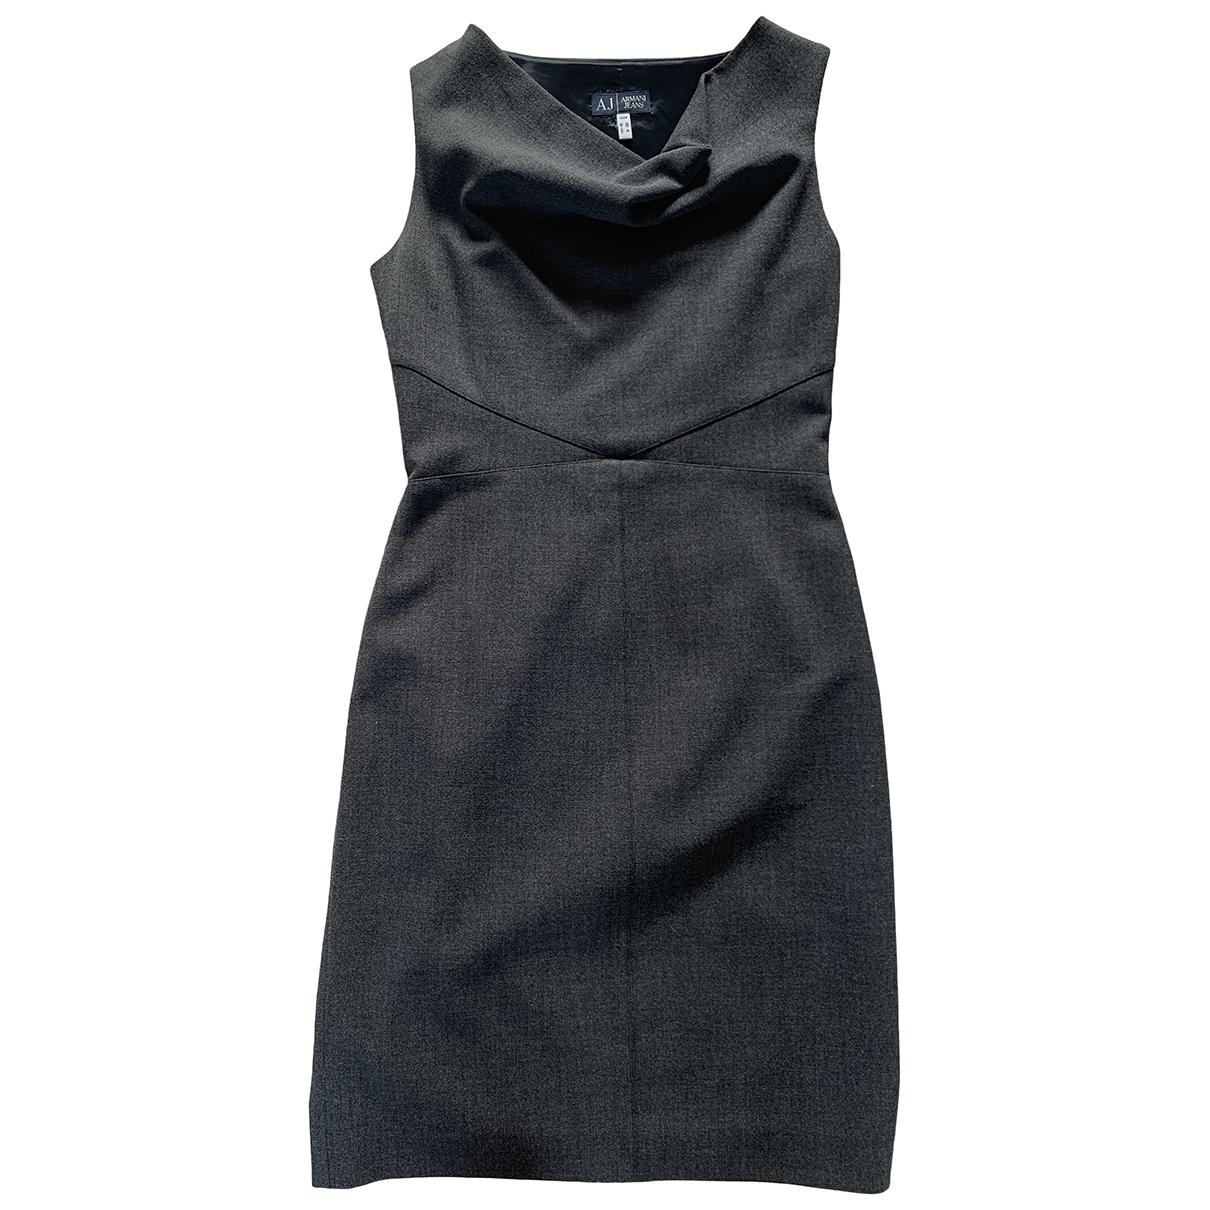 Armani Jeans \N Kleid in  Grau Polyester